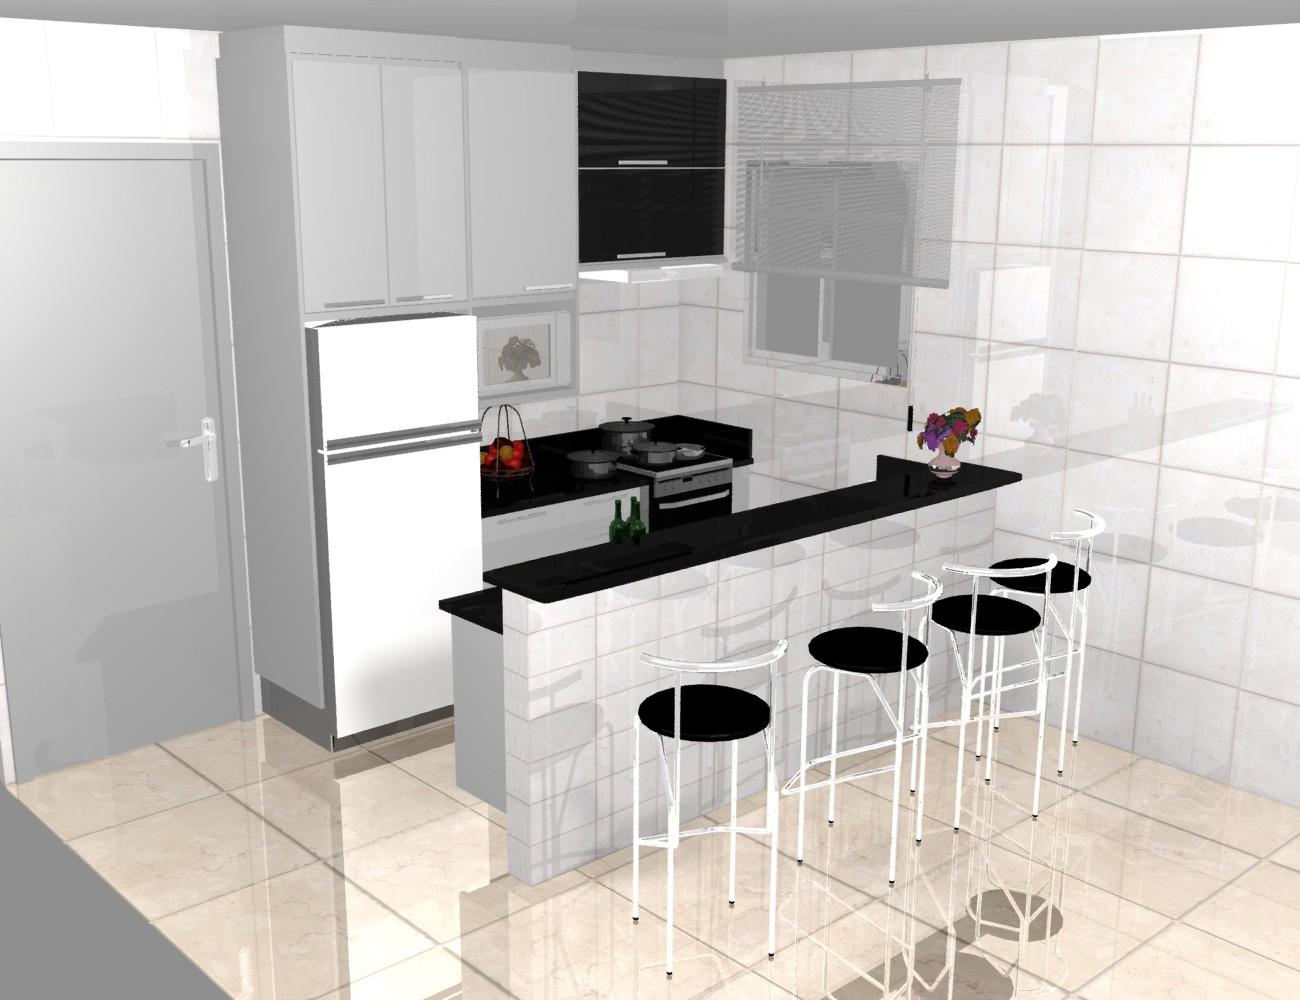 #703324  cozinhas planejadas simples bonita pequenas de luxo projeto branca 1300x1000 px Projetos Cozinhas Planejadas Pequenas #105 imagens